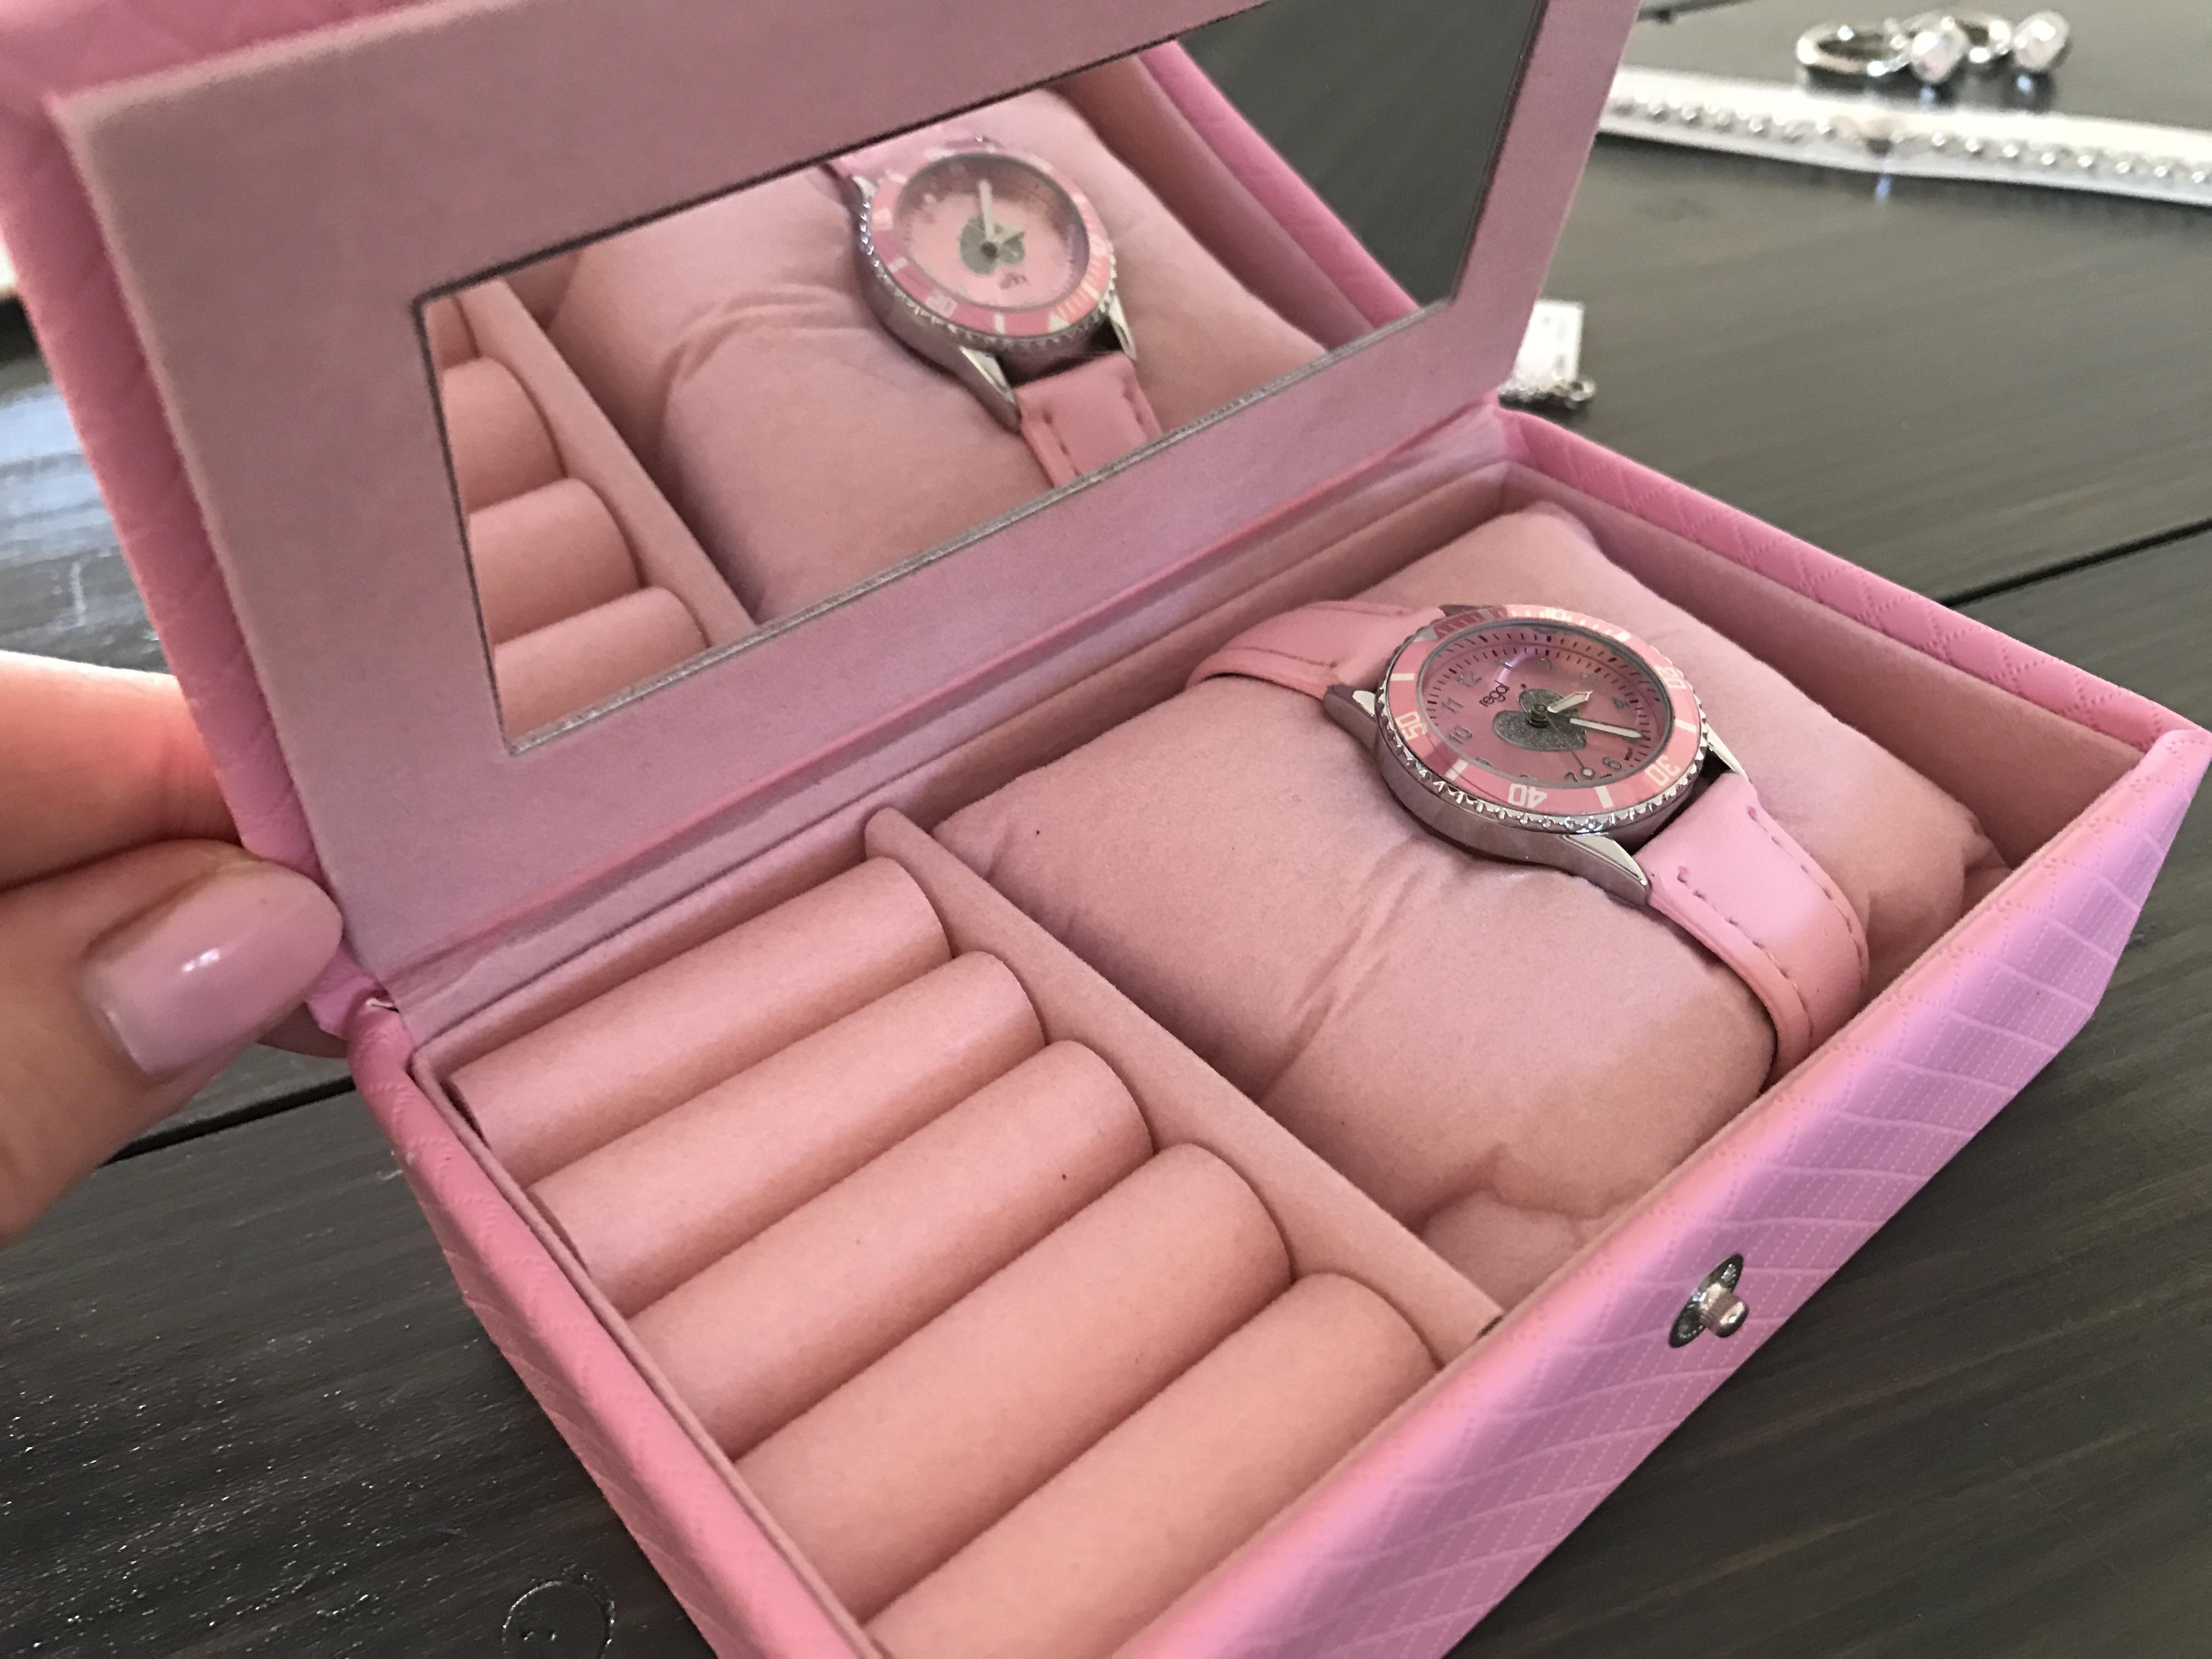 12-16-lucardi-juwelier-blog-review-ervaring-armbandjes-sweet-to-send-post-kaartje-goedkoop-korting-geboorte-kerst-sinterklaas-cadeau-tip-doosje-horloge-meiden